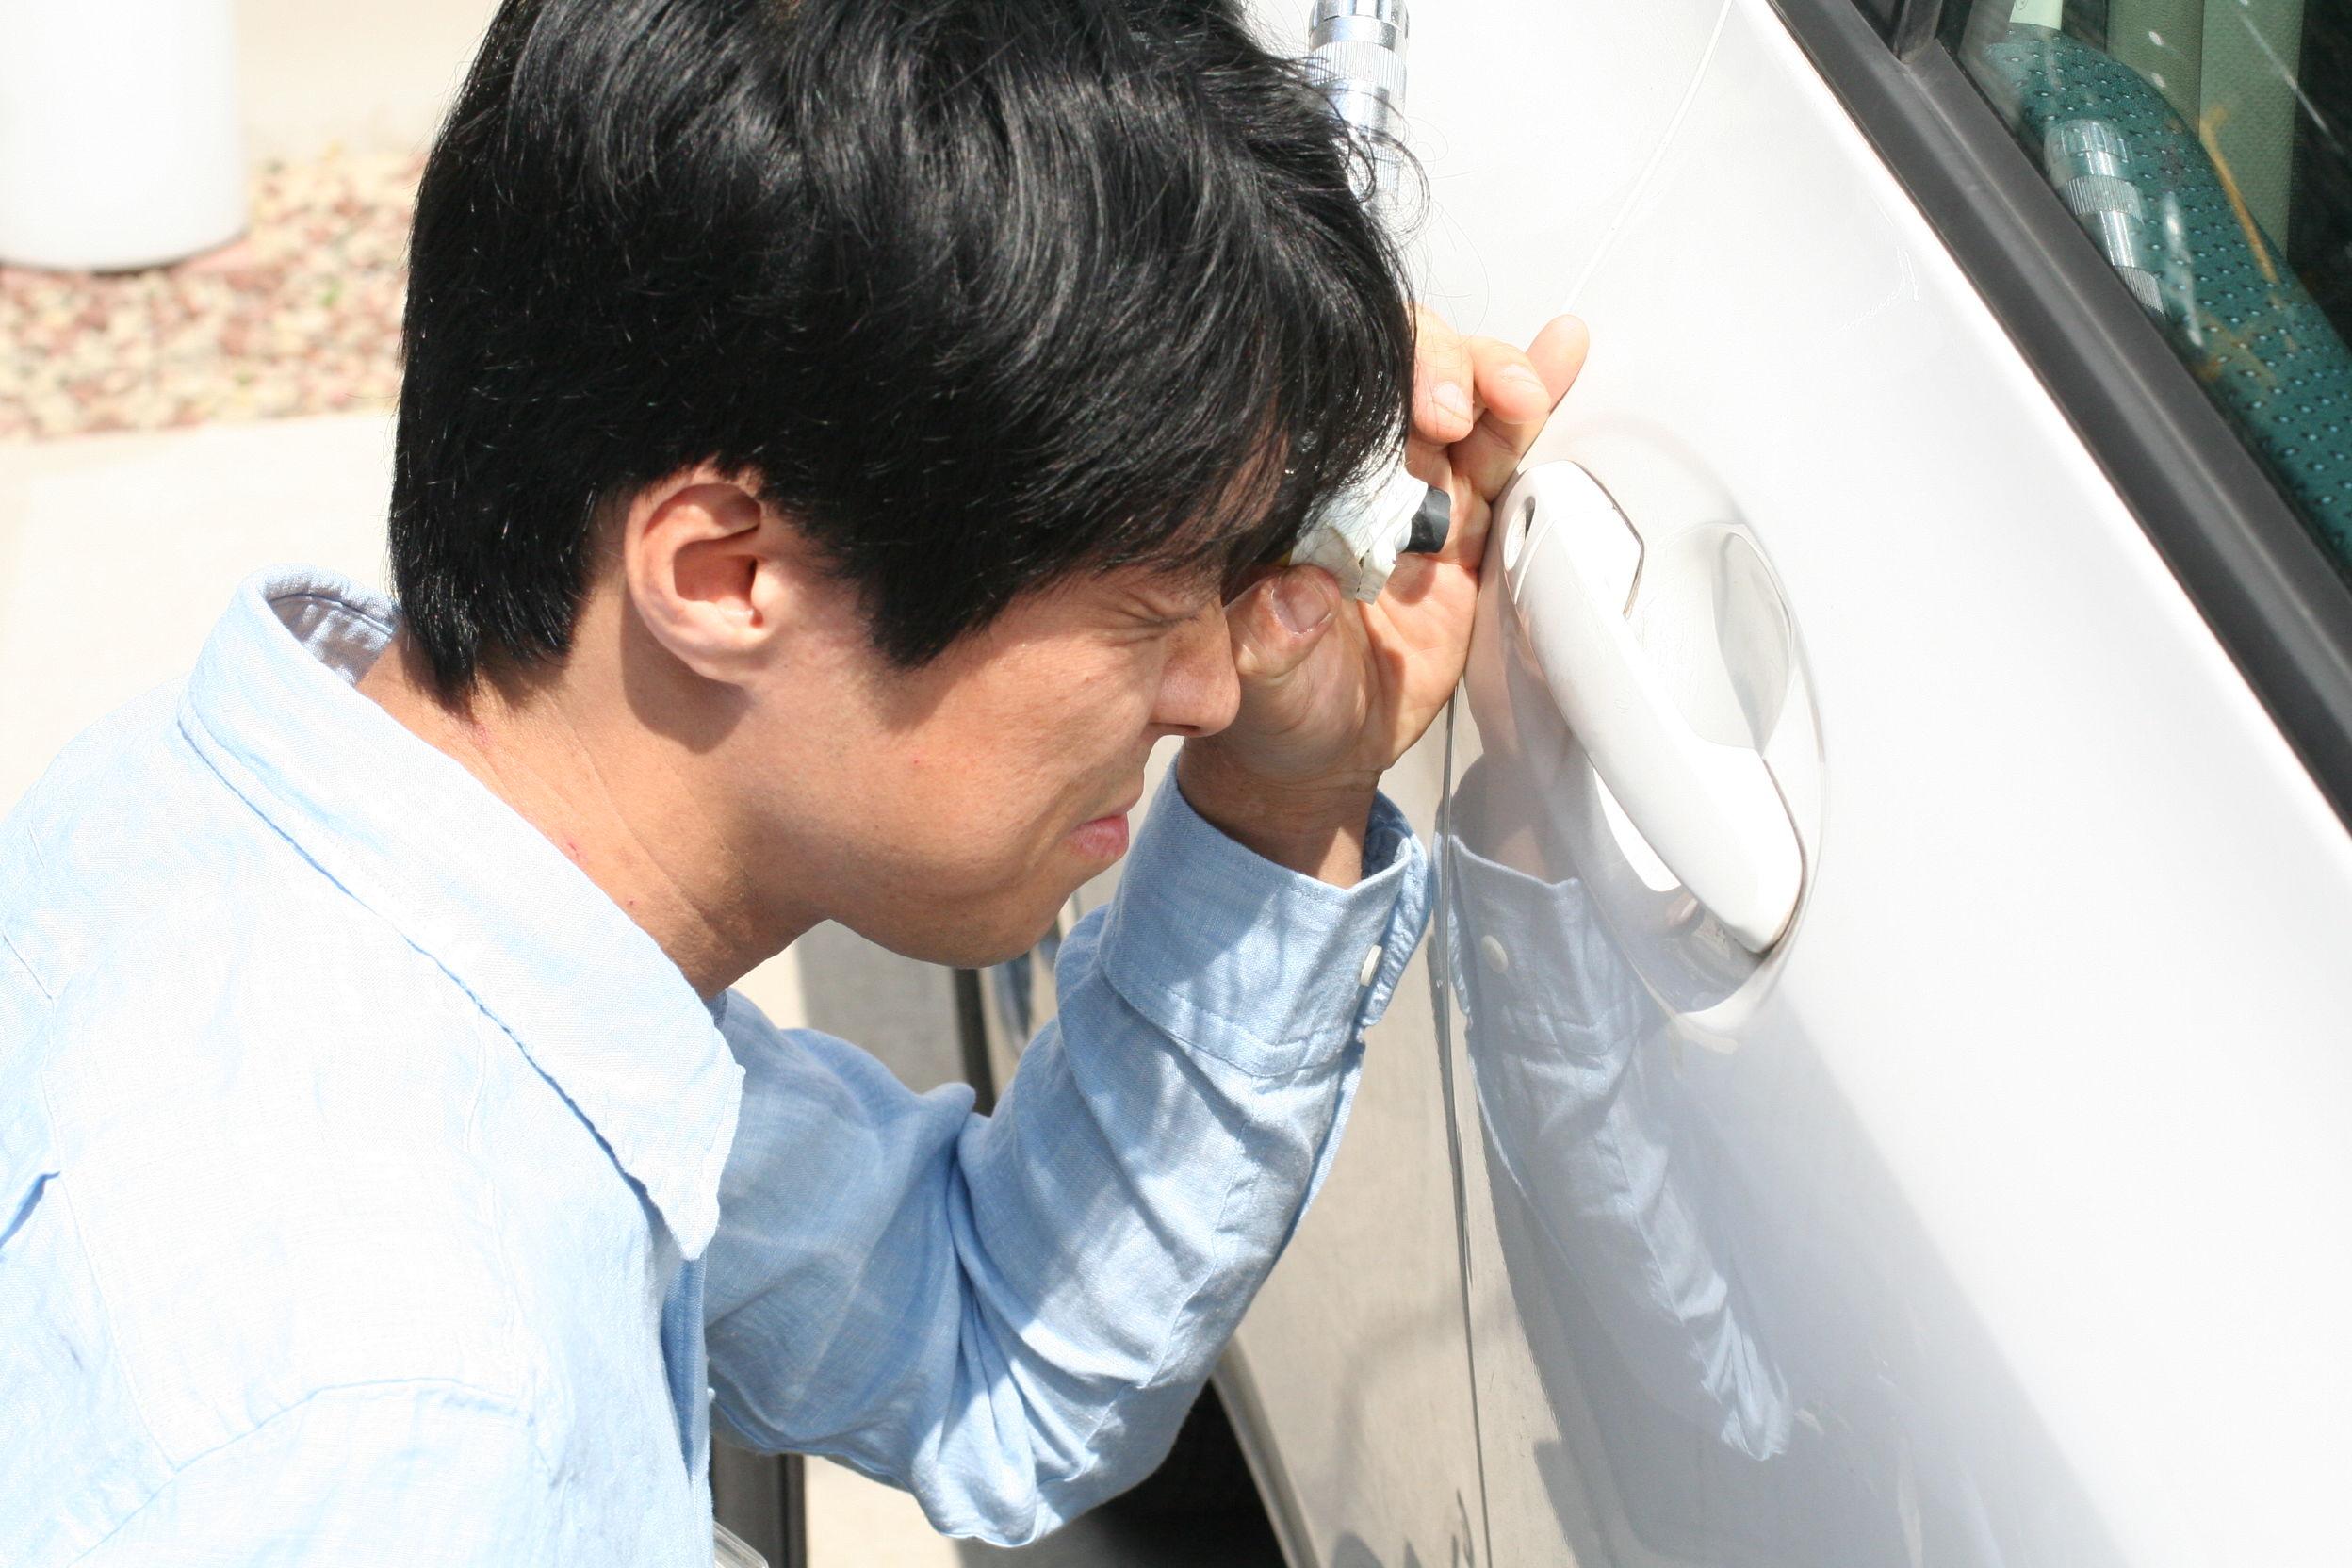 カギのトラブル救Q隊.24【広島市南区 出張エリア】のメイン画像